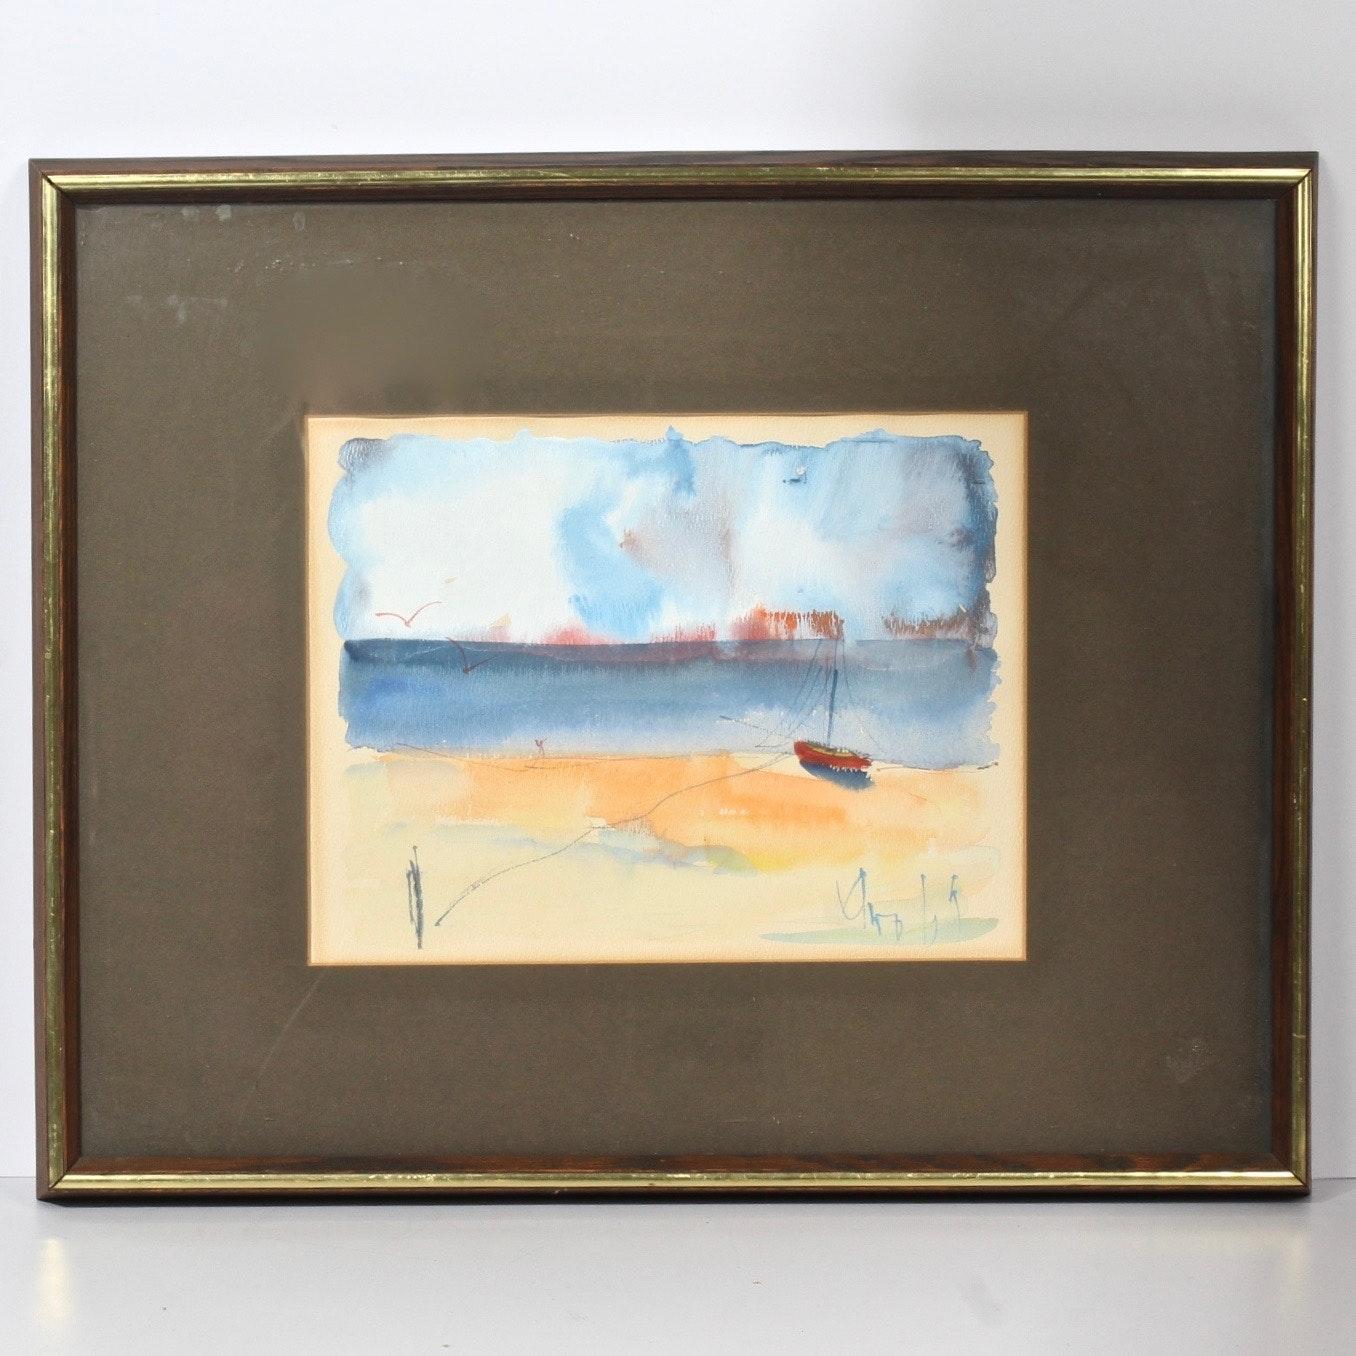 Original Watercolor of Calm Water's Edge